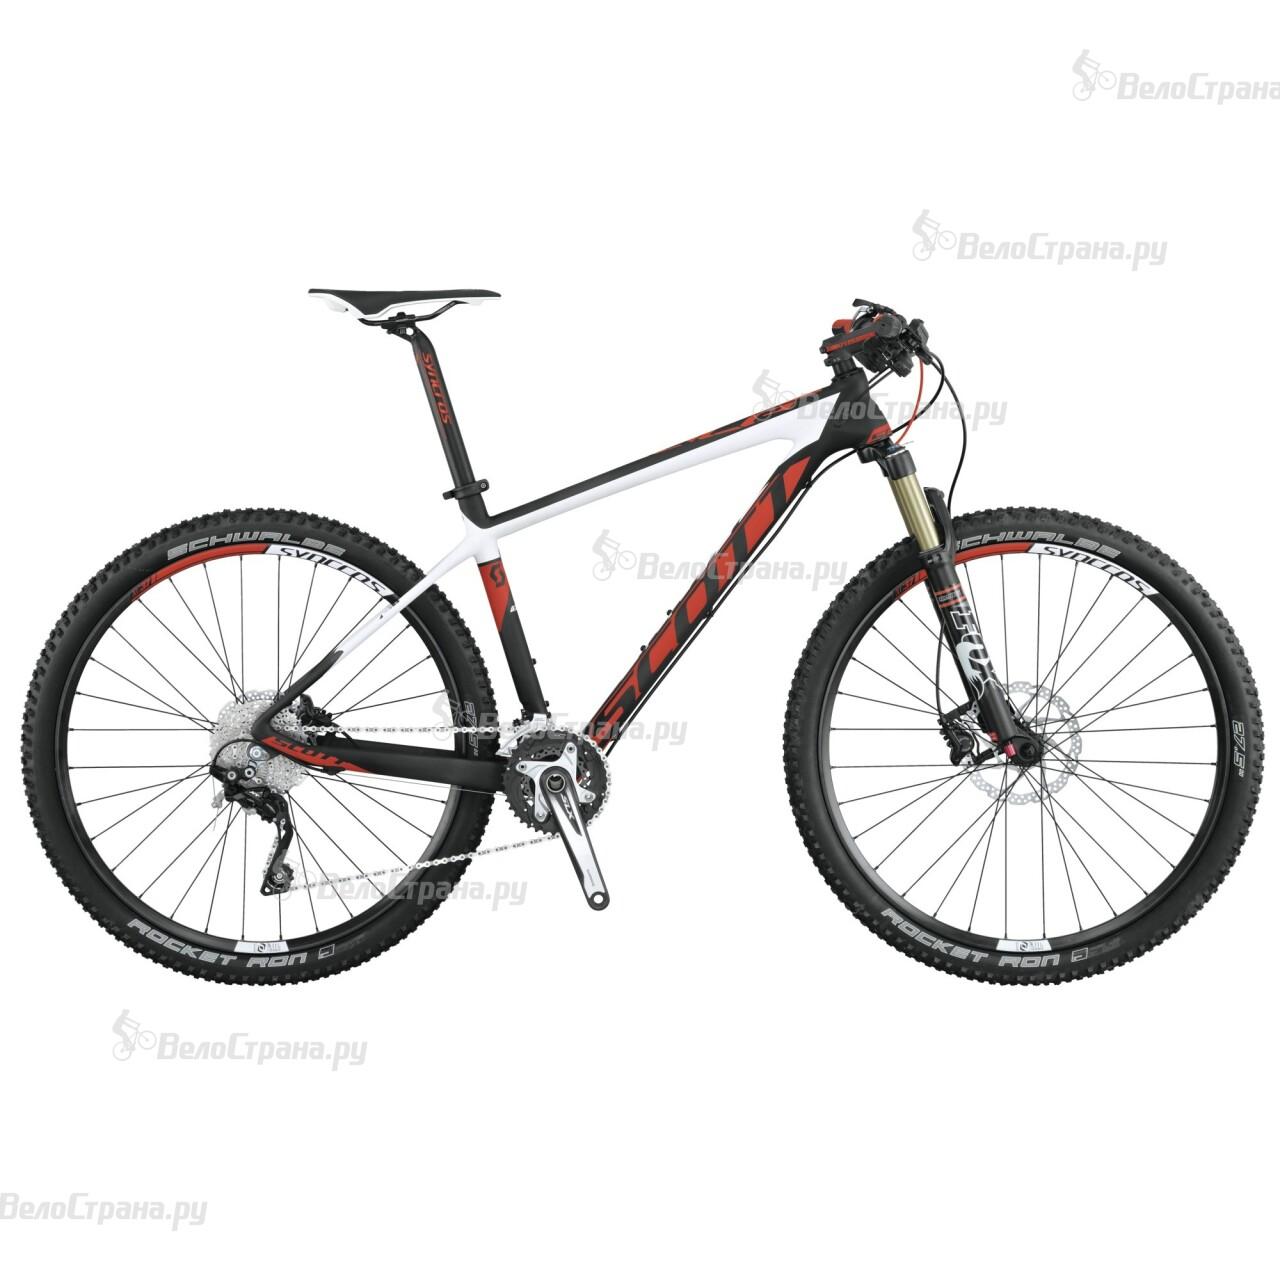 Велосипед Scott Scale 730 (2015) велосипед scott gambler 730 2015